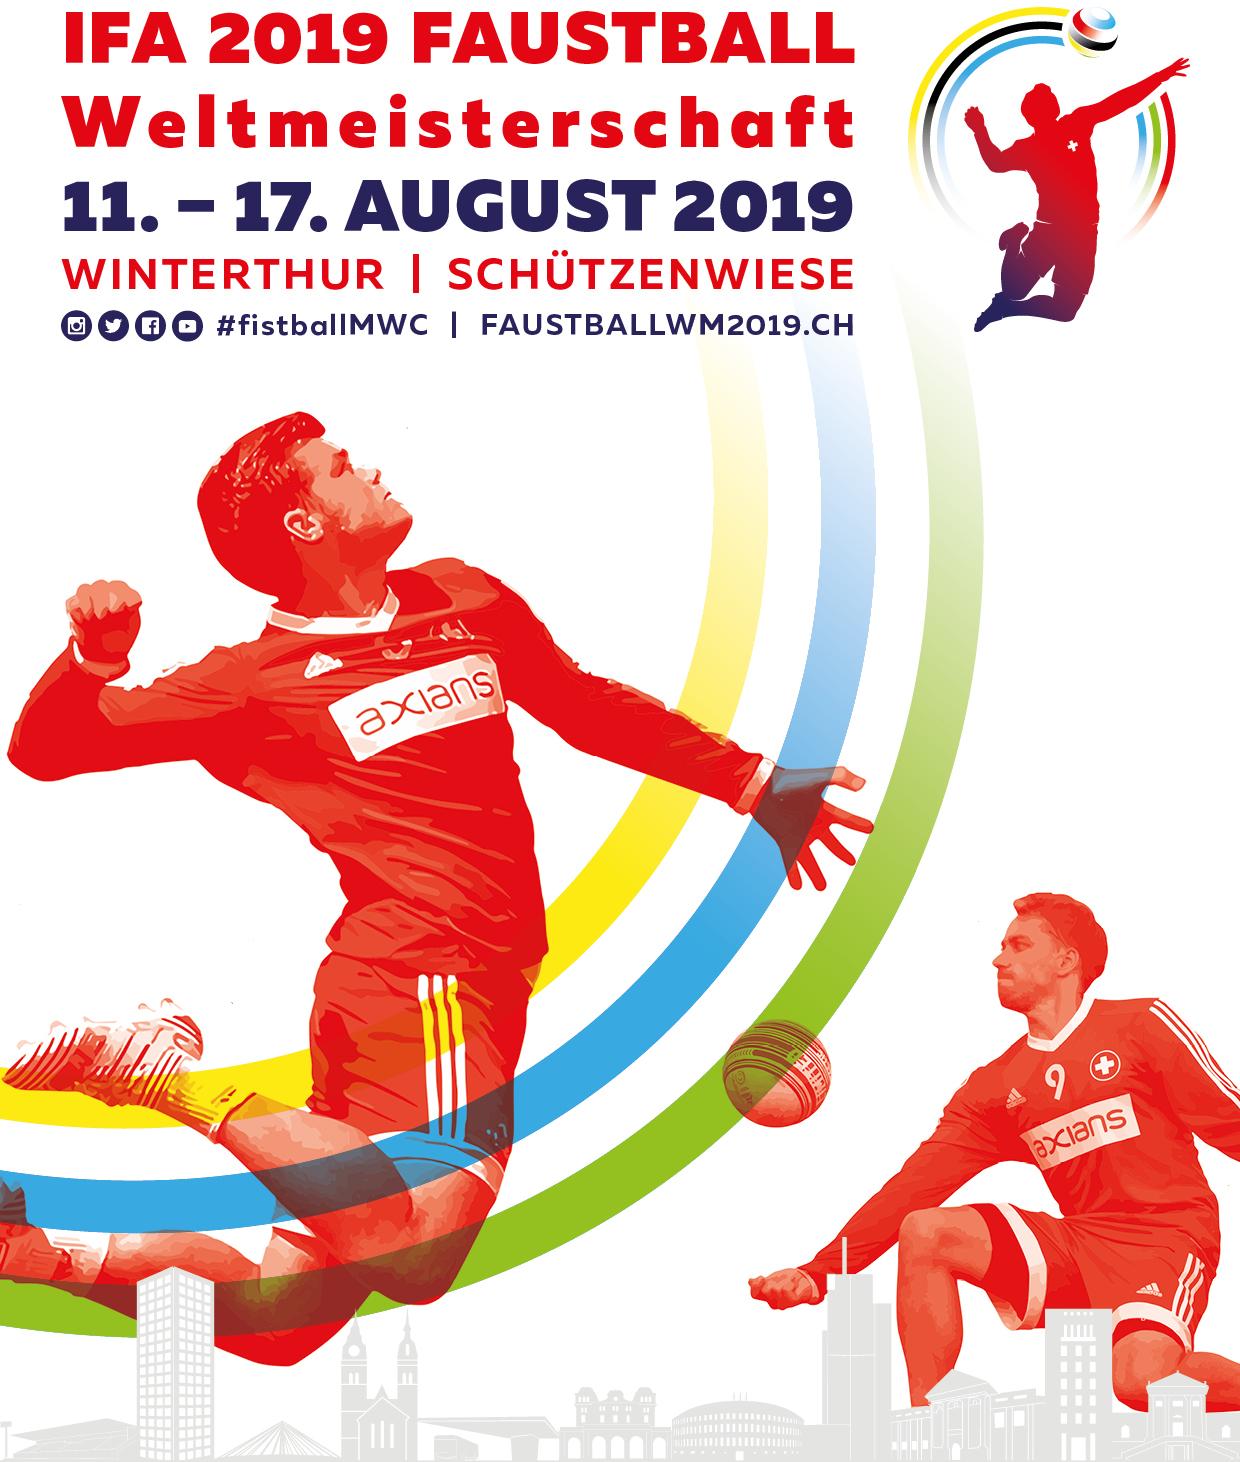 Faustball WM Männer | 11.-17.8.2019 | Winterthur, Schweiz